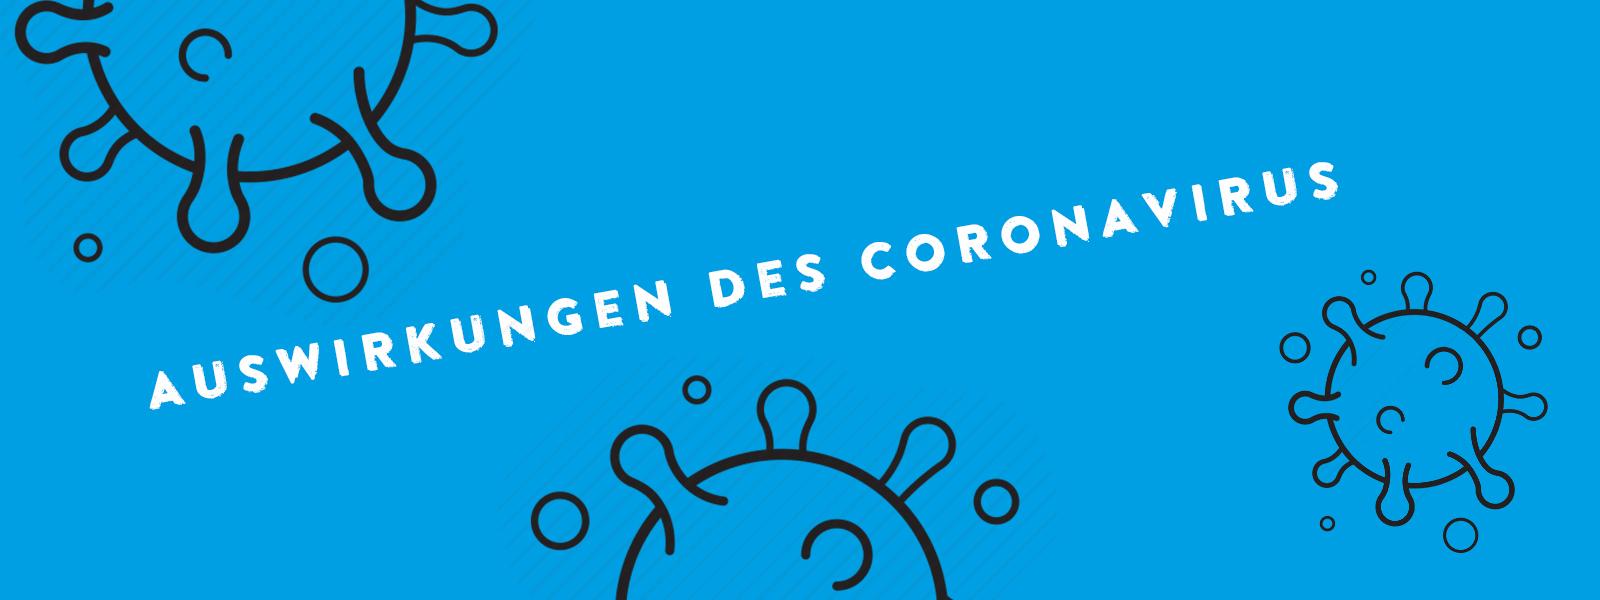 Auswirkungen des Coronavirus